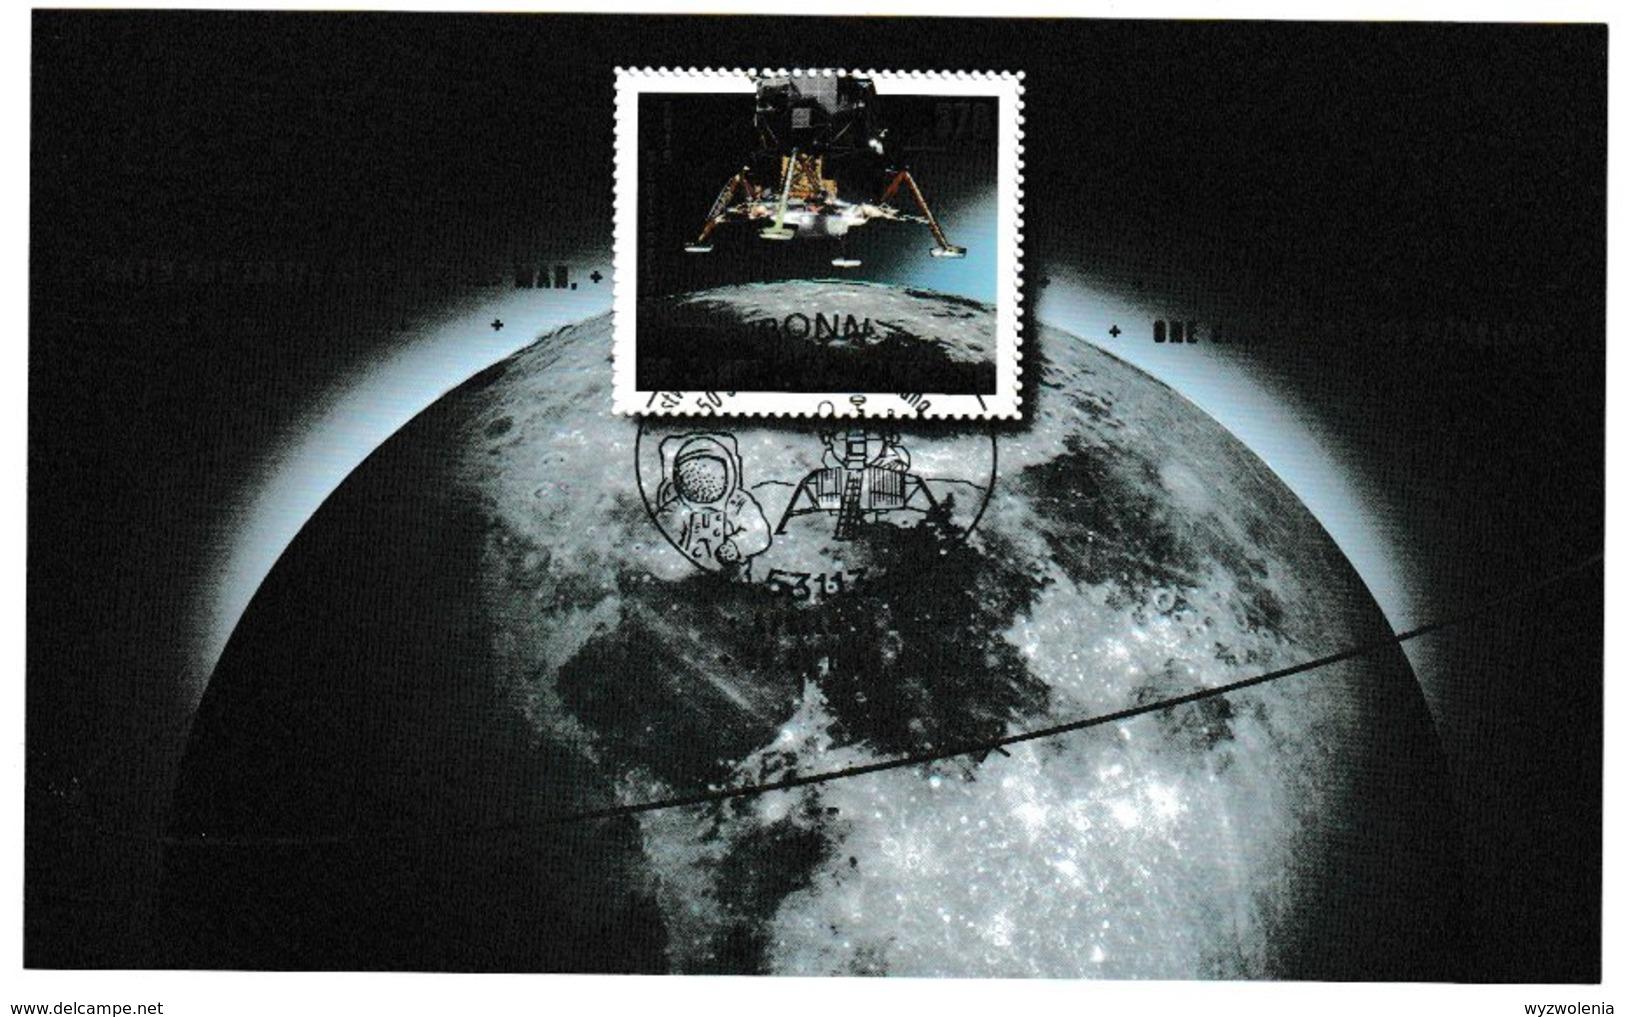 E 108) Deutschland 2019 Mi 3479 Bl. 84 Ersttag-Sonderstempel: 50 Jahre Mondlandung, Raumfahrt - Europa